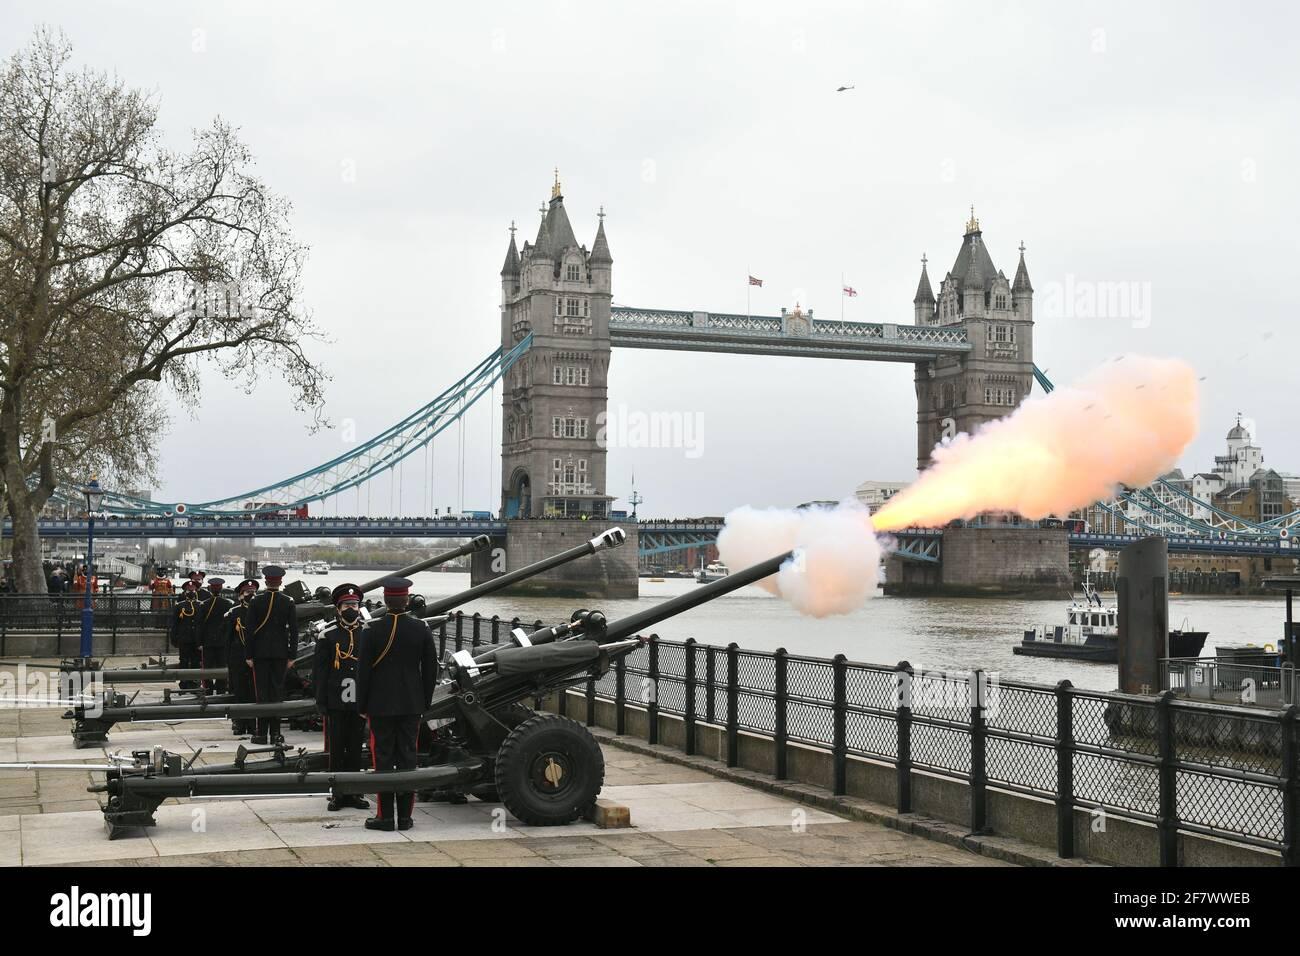 I membri della Honourable Artillery Company sparano un saluto di 41 armi dal molo alla Torre di Londra, per celebrare la morte del Duca di Edimburgo. Data immagine: Sabato 10 aprile 2021. Foto Stock